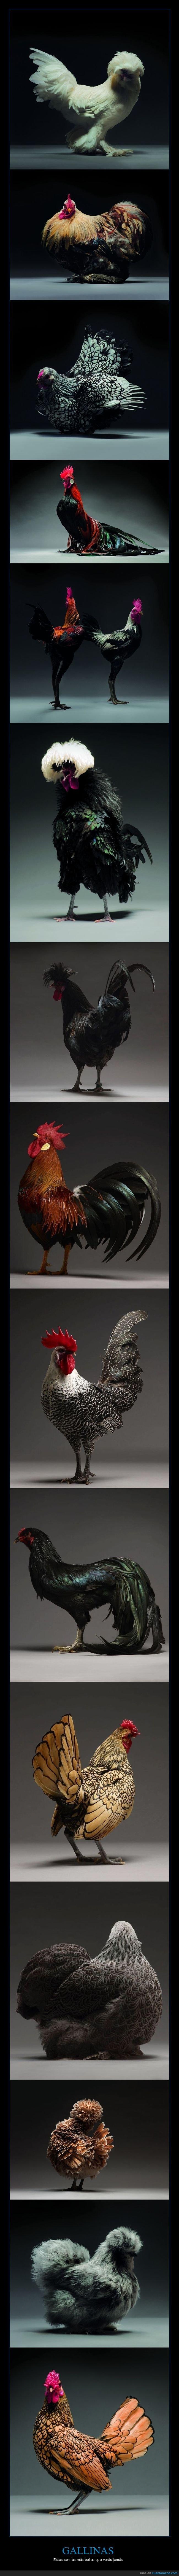 fotografía,gallinas